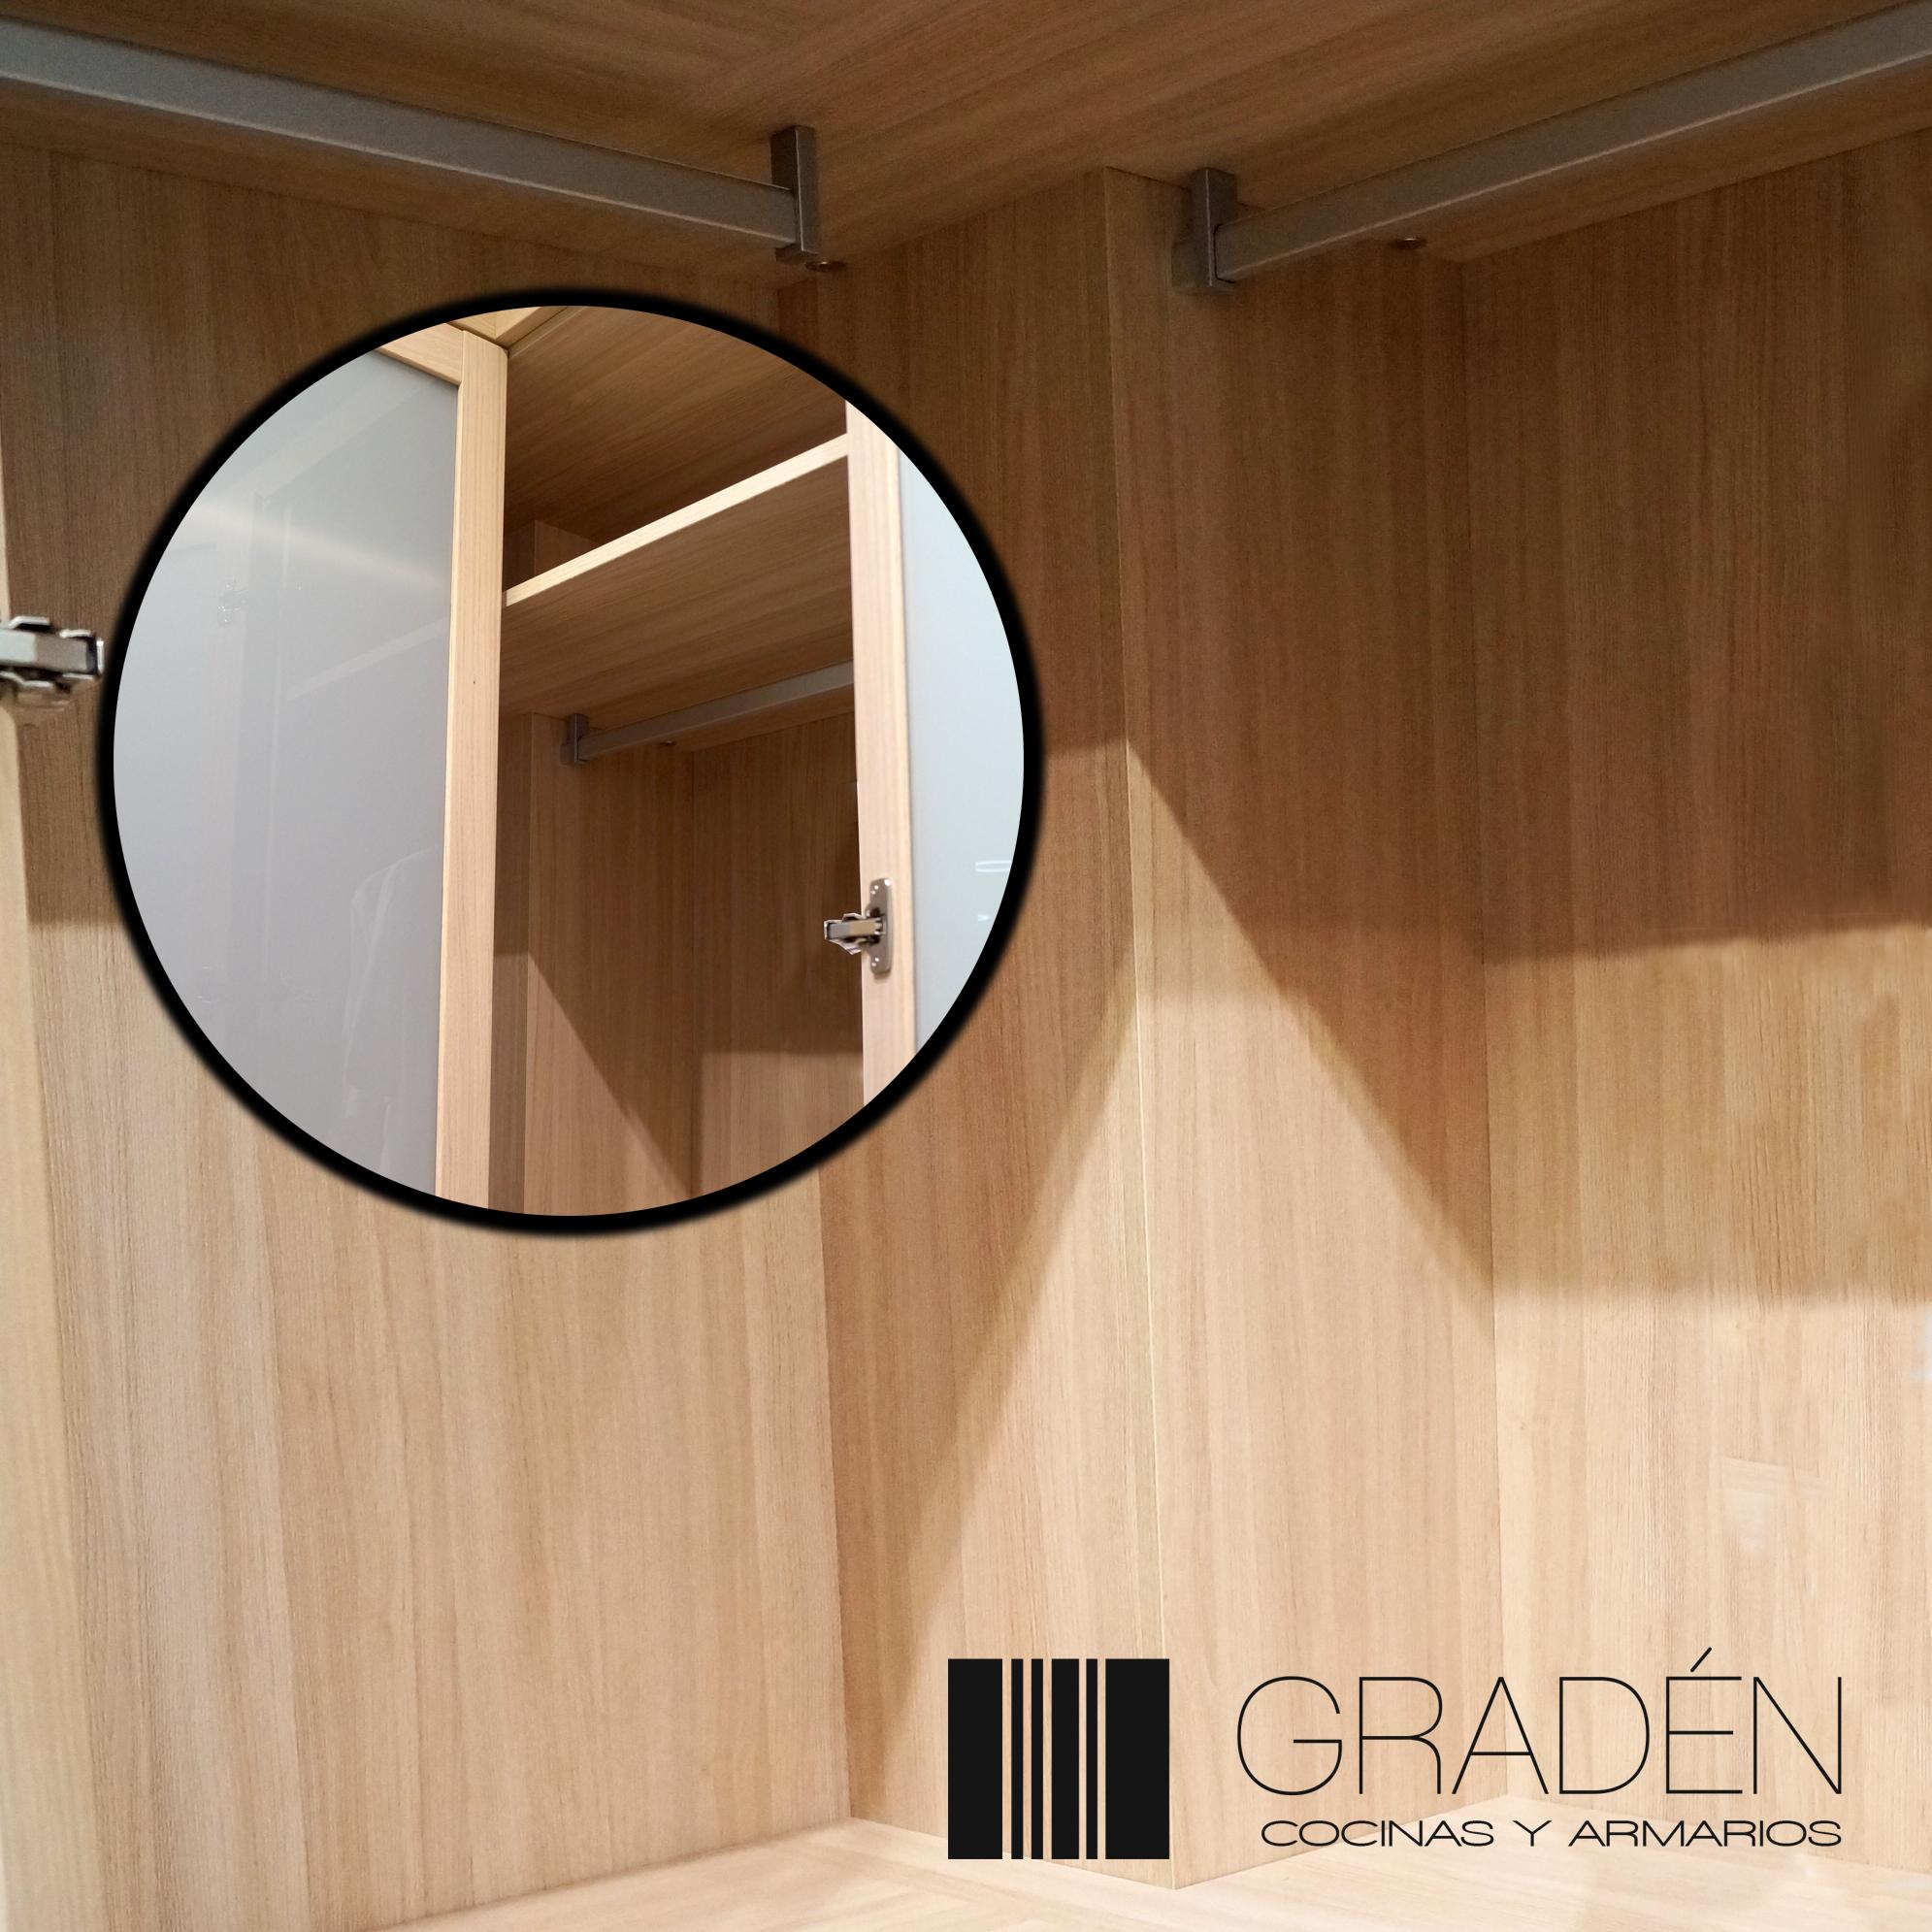 Detalle de puerta y esquina interior de armario Gradén